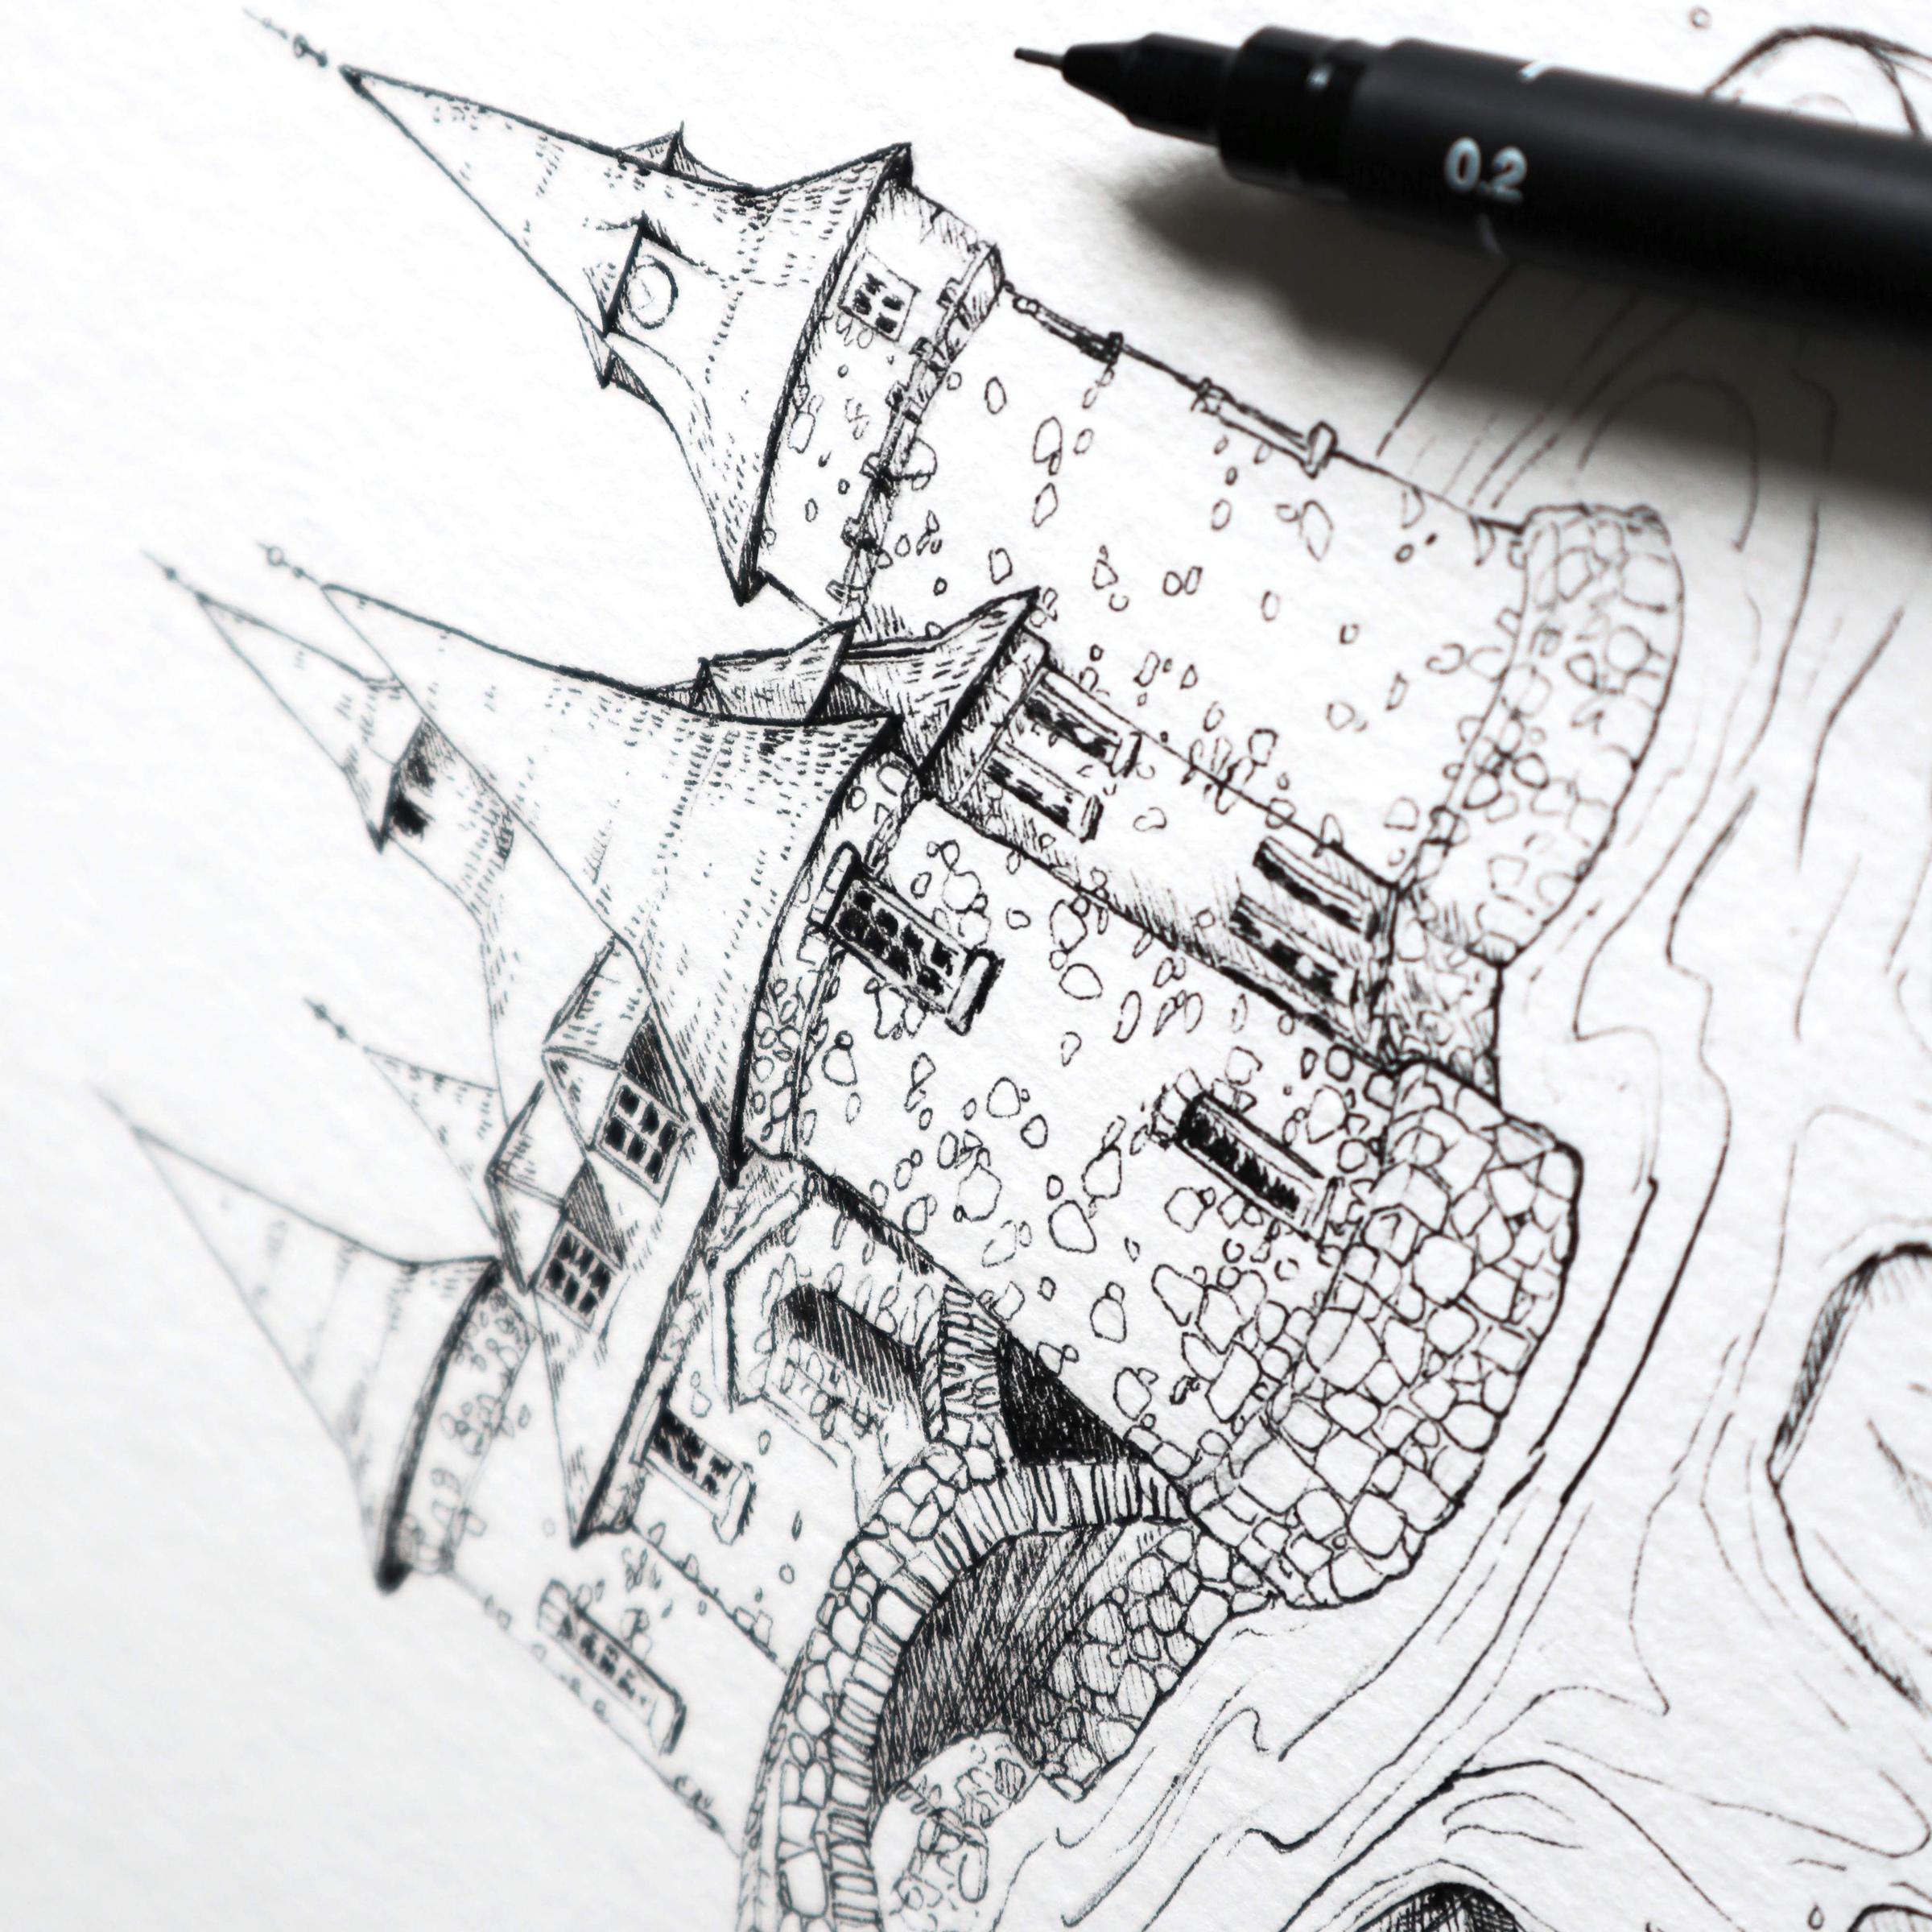 Die Finelinerzeichnung vom Pumpenhaus auf Heart Island, New York.